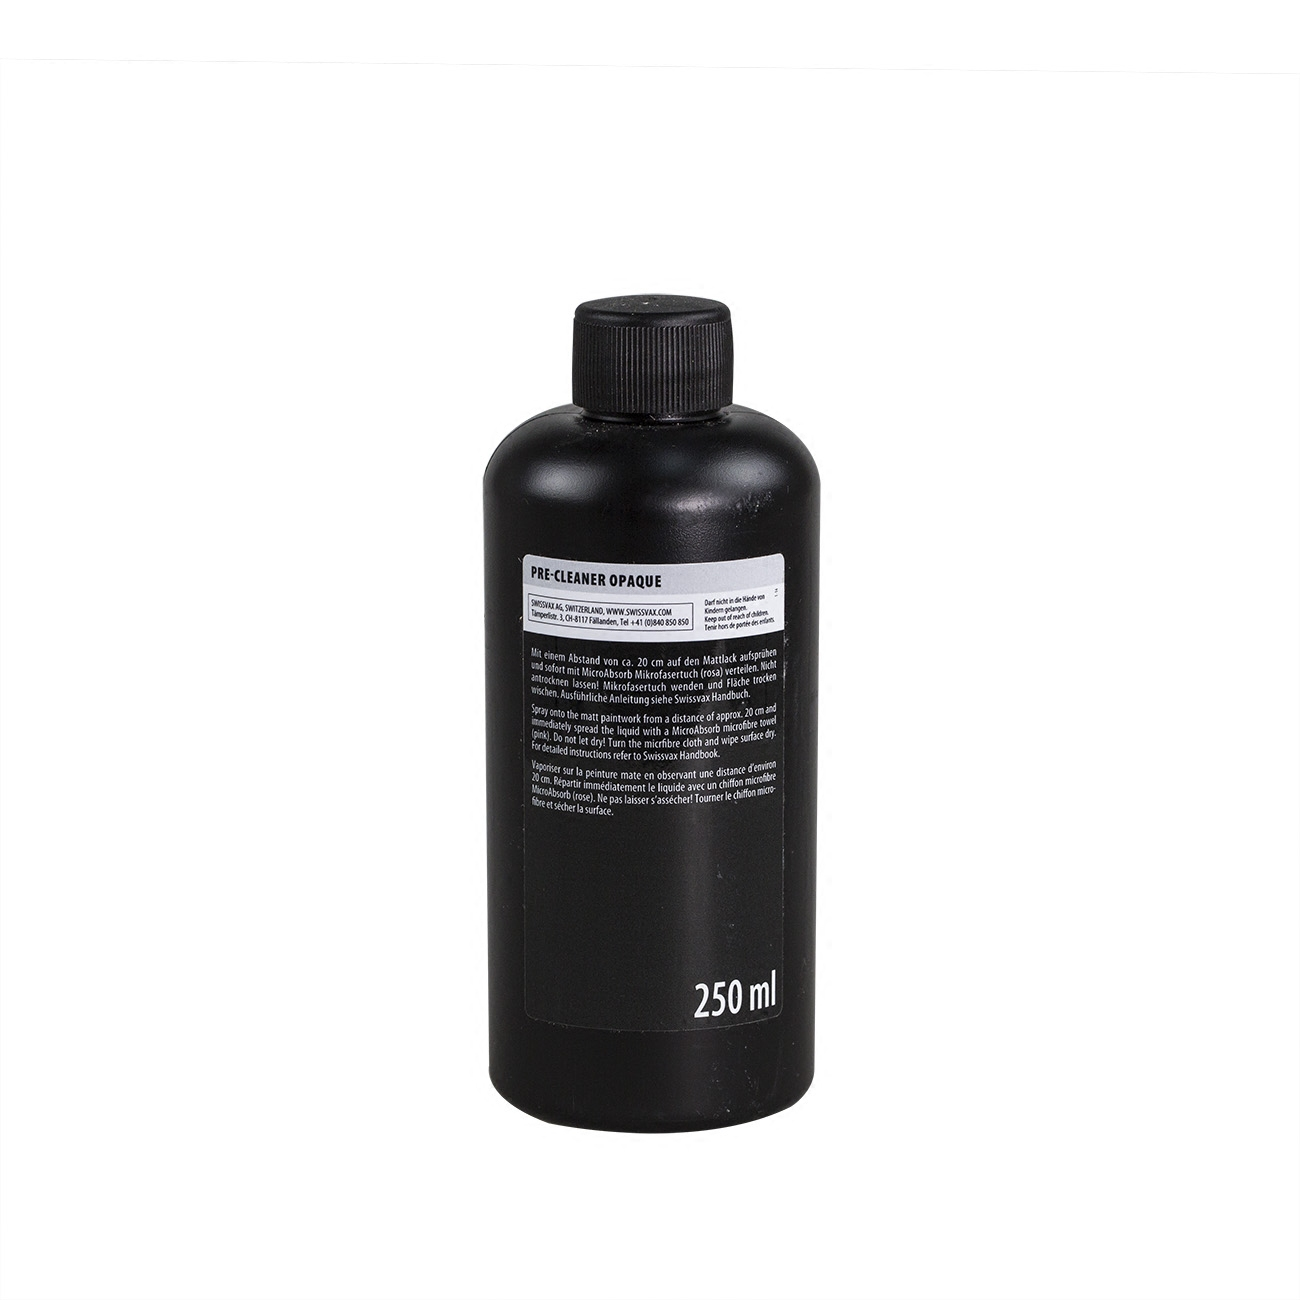 瑞士SWISSVAX PRE-CLEANER«OPAQUE»史维克斯哑光漆预洁修护液